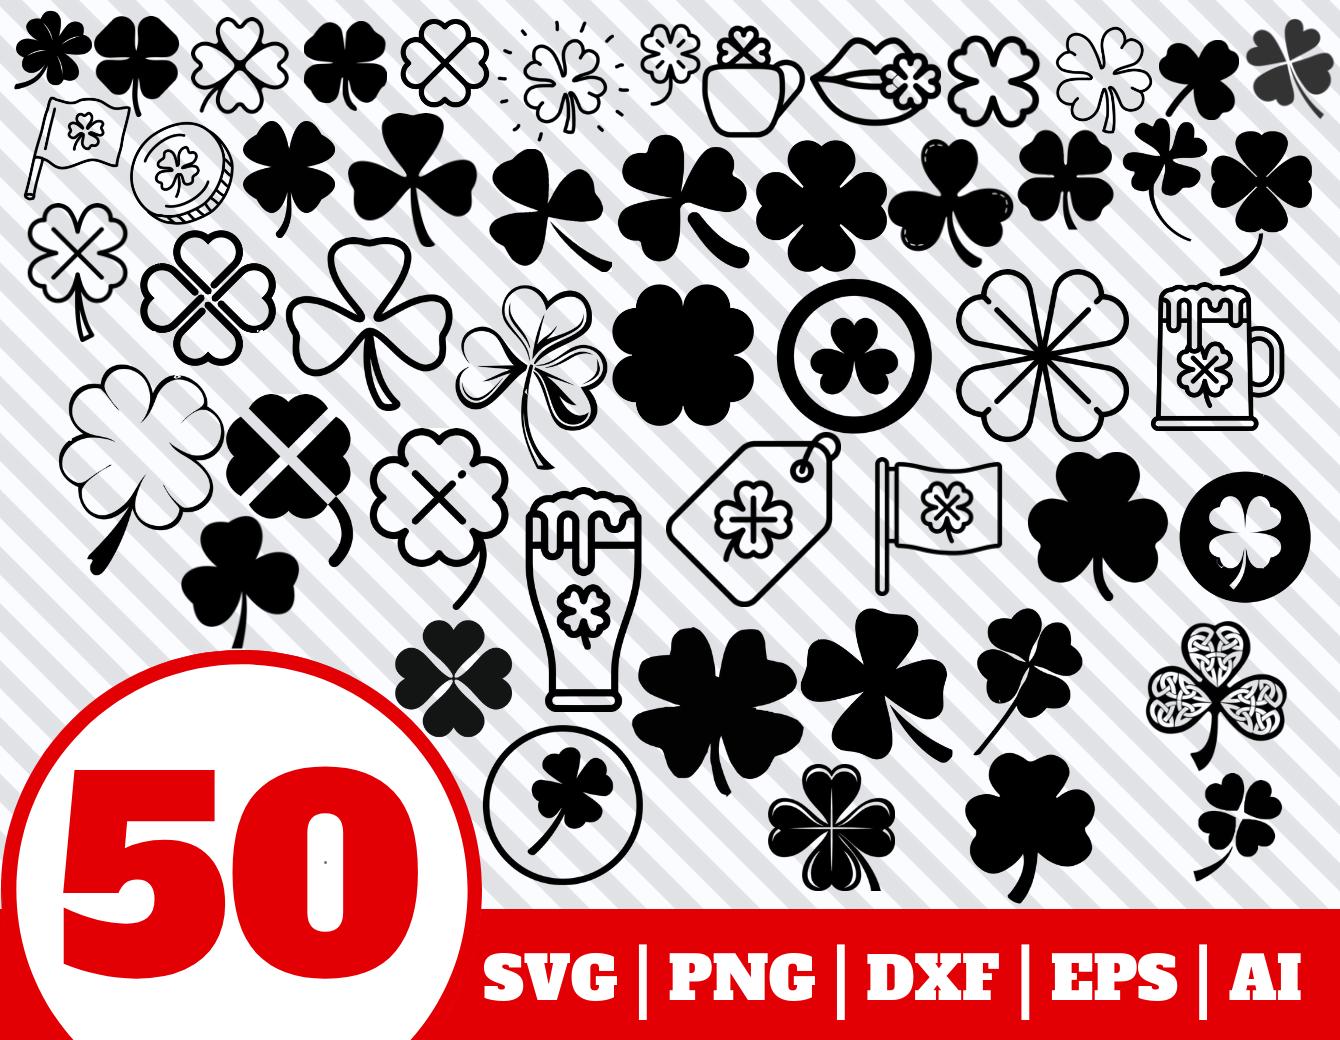 50 CLOVER SVG BUNDLE.